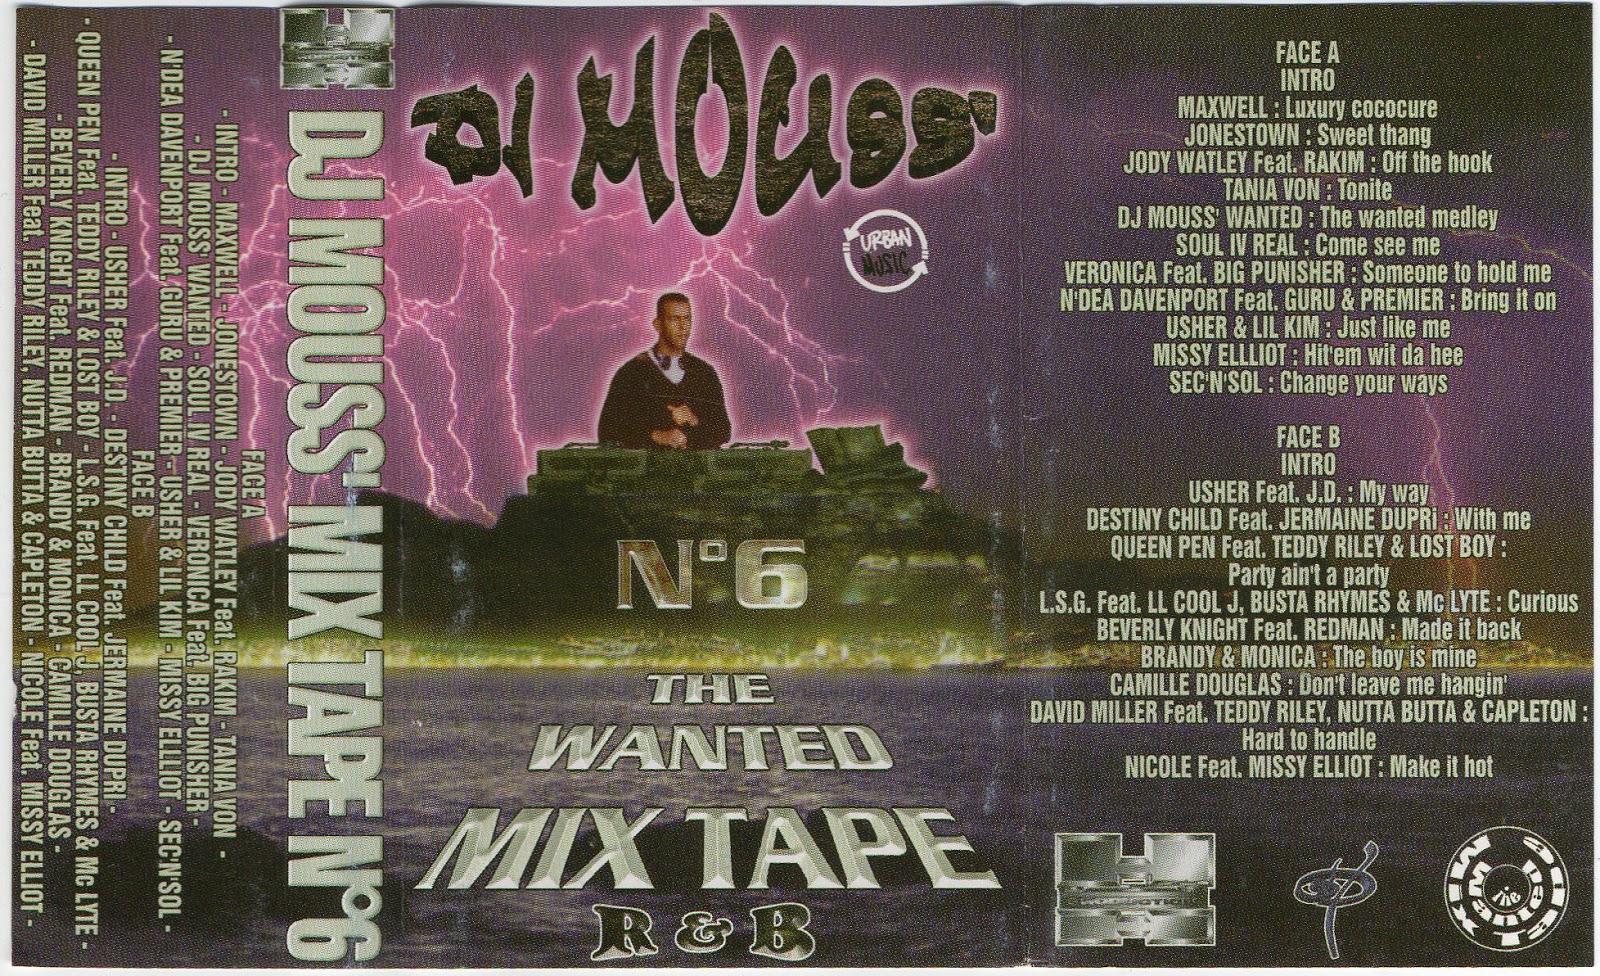 mixtape dj mouss